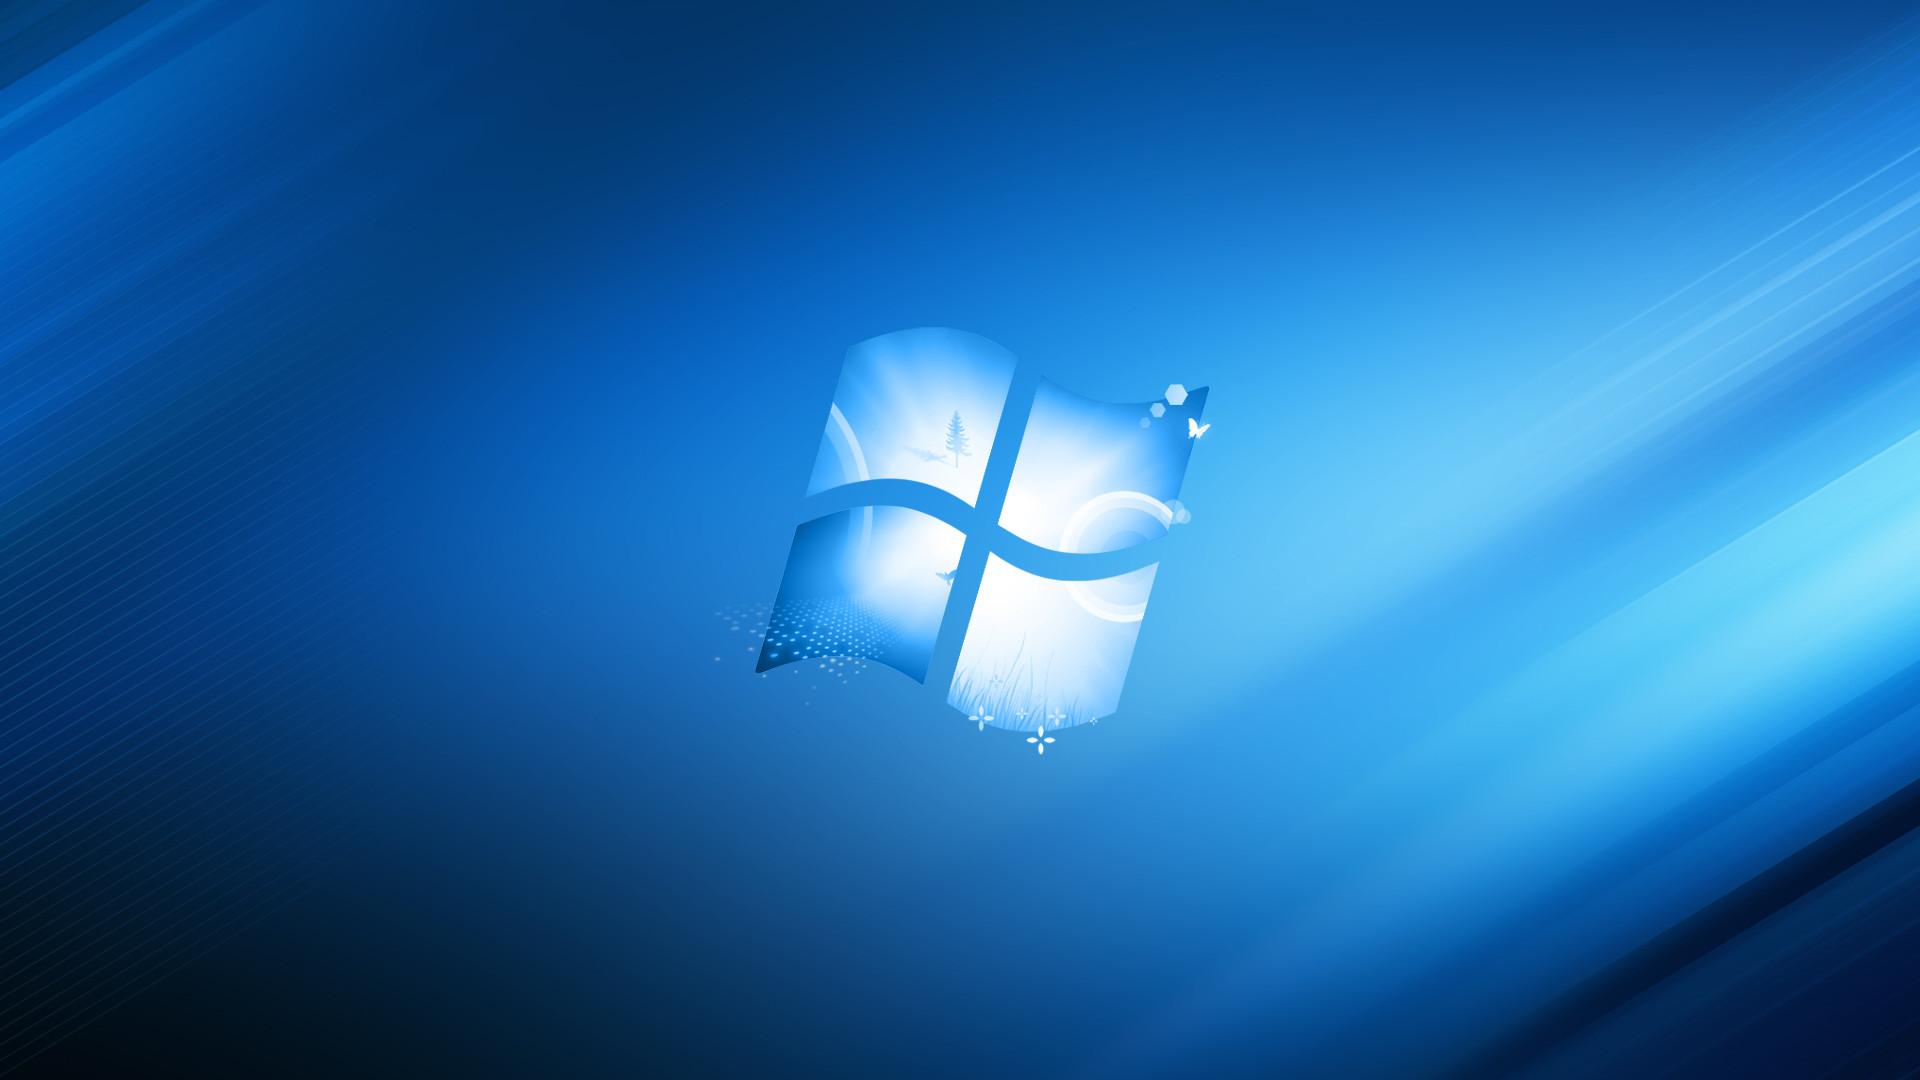 Download Wallpapers Windows 7 4k Se7en Blue Background: Best Windows 8 Wallpaper (72+ Images